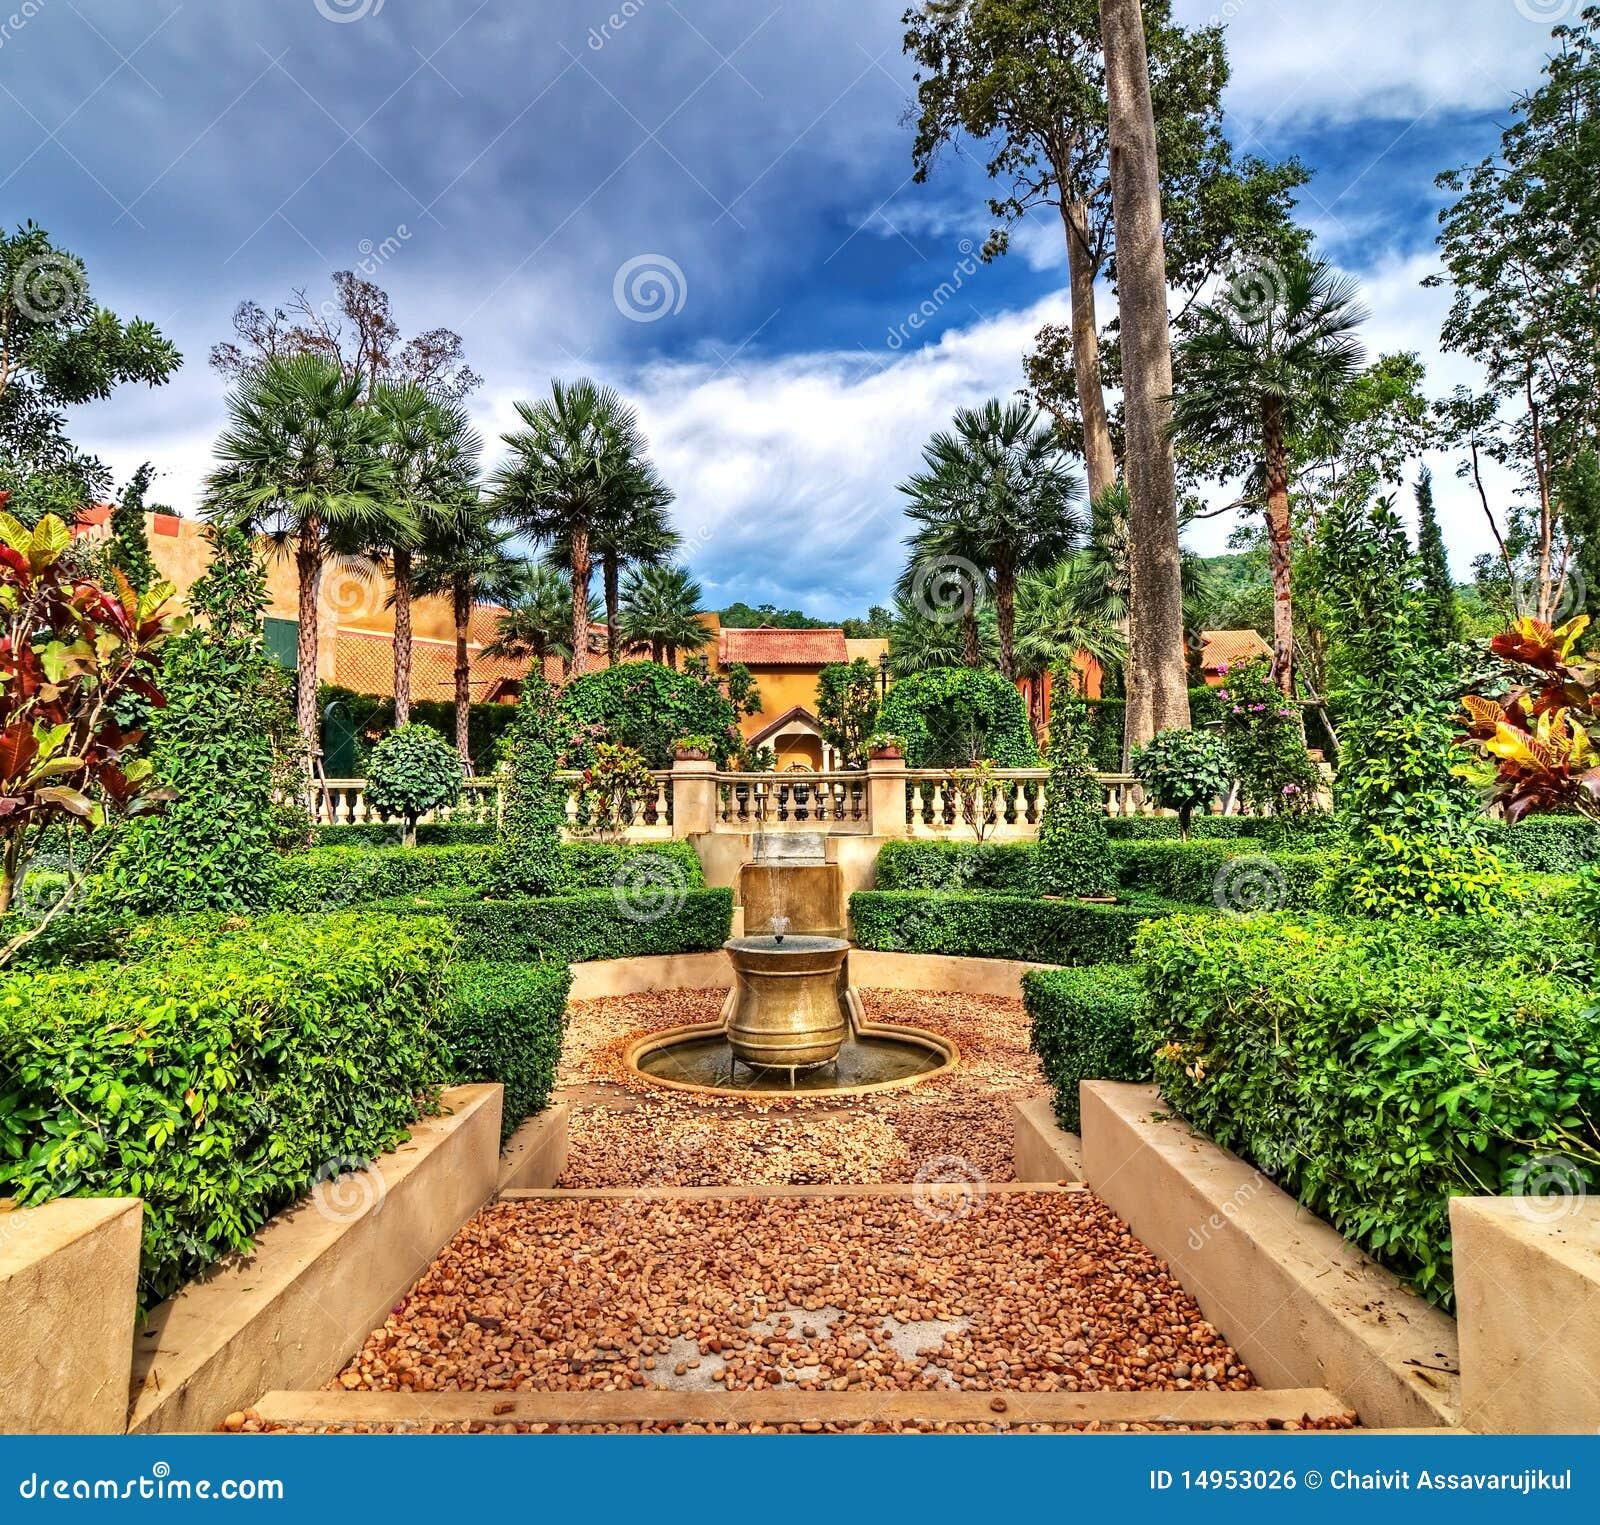 jardin espagnol de type image libre de droits image On jardin en espagnol